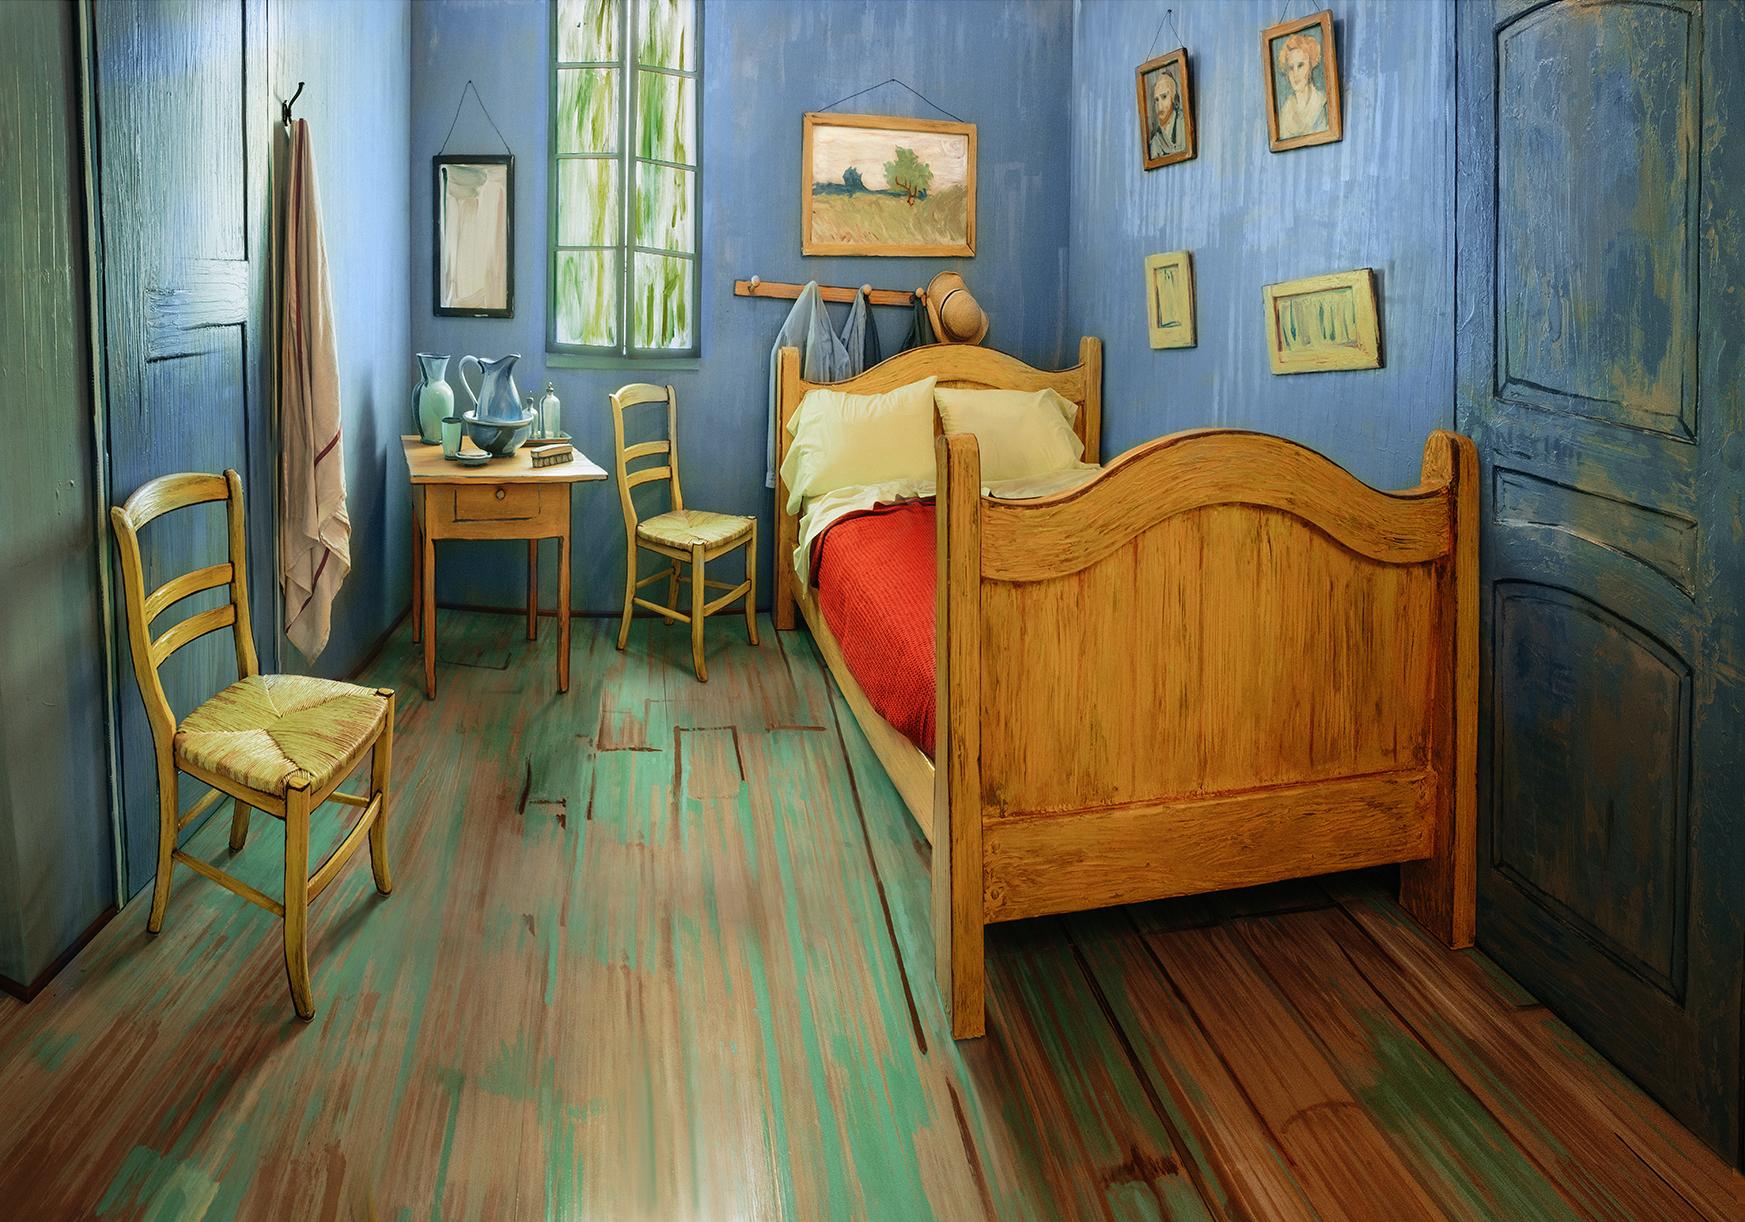 Schlafzimmer in arles  Im wohl künstlerischsten Airbnb aller Zeiten könnt ihr in van ...